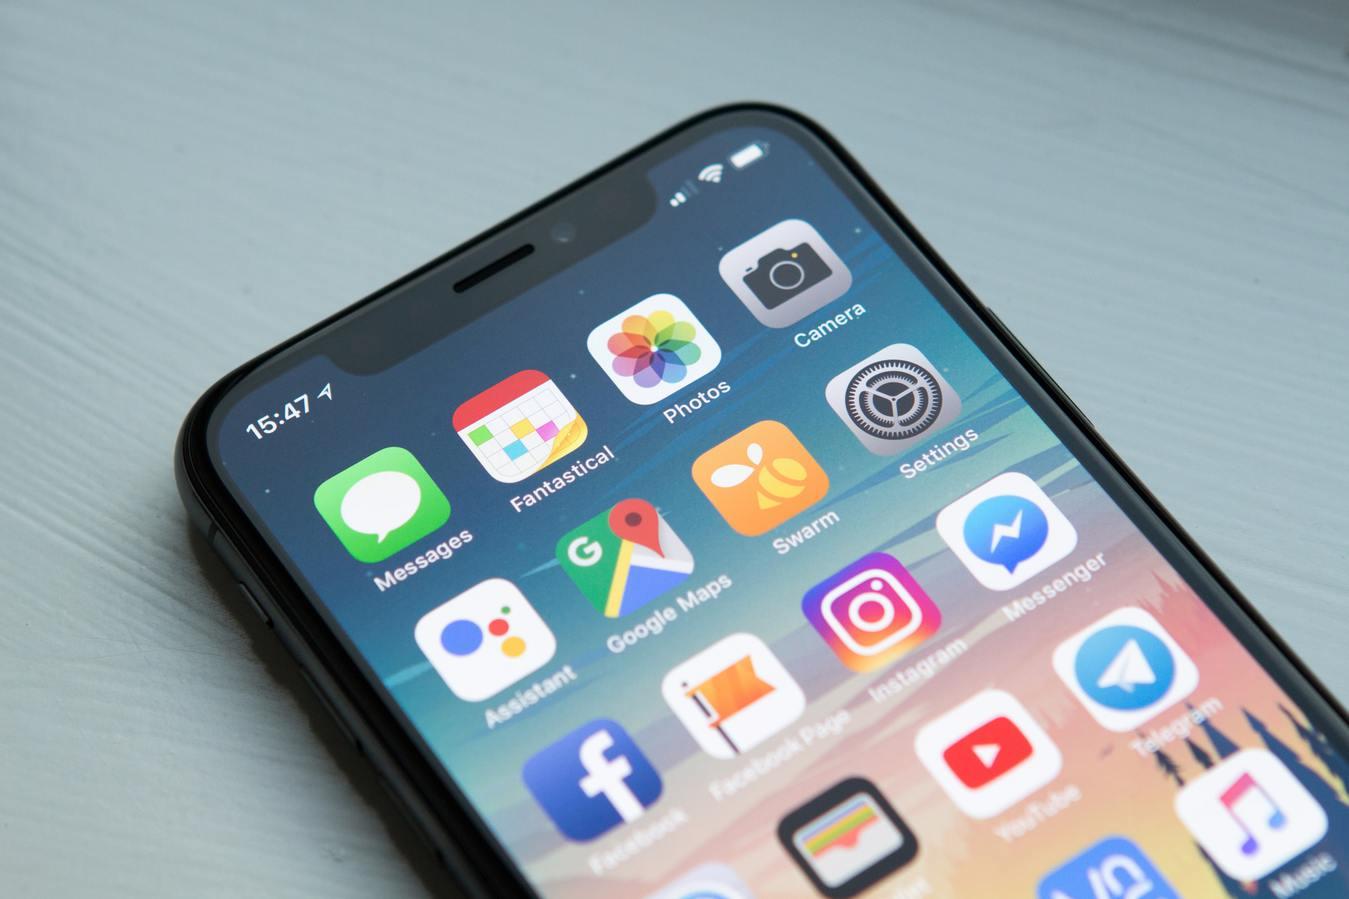 iPhone scherm met apps